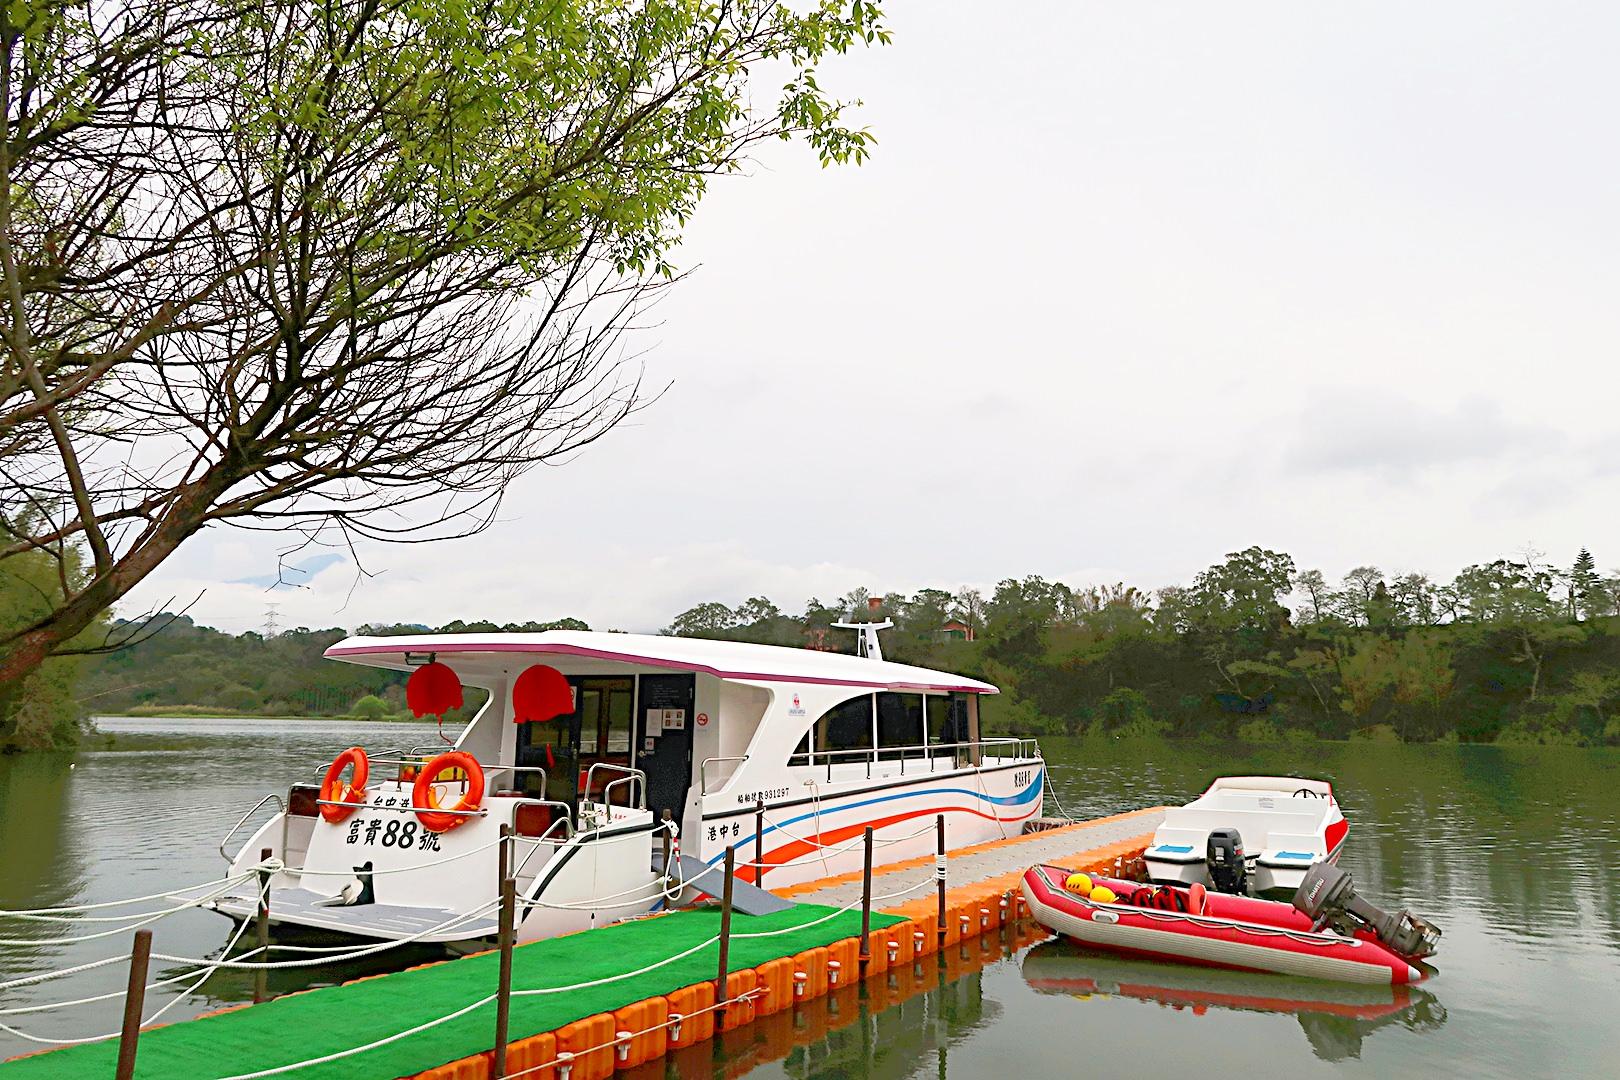 新竹峨眉一日遊!峨眉湖綠能觀光遊艇正式啟航 十二寮天主教堂 免費商店等新竹旅遊景點懶人包